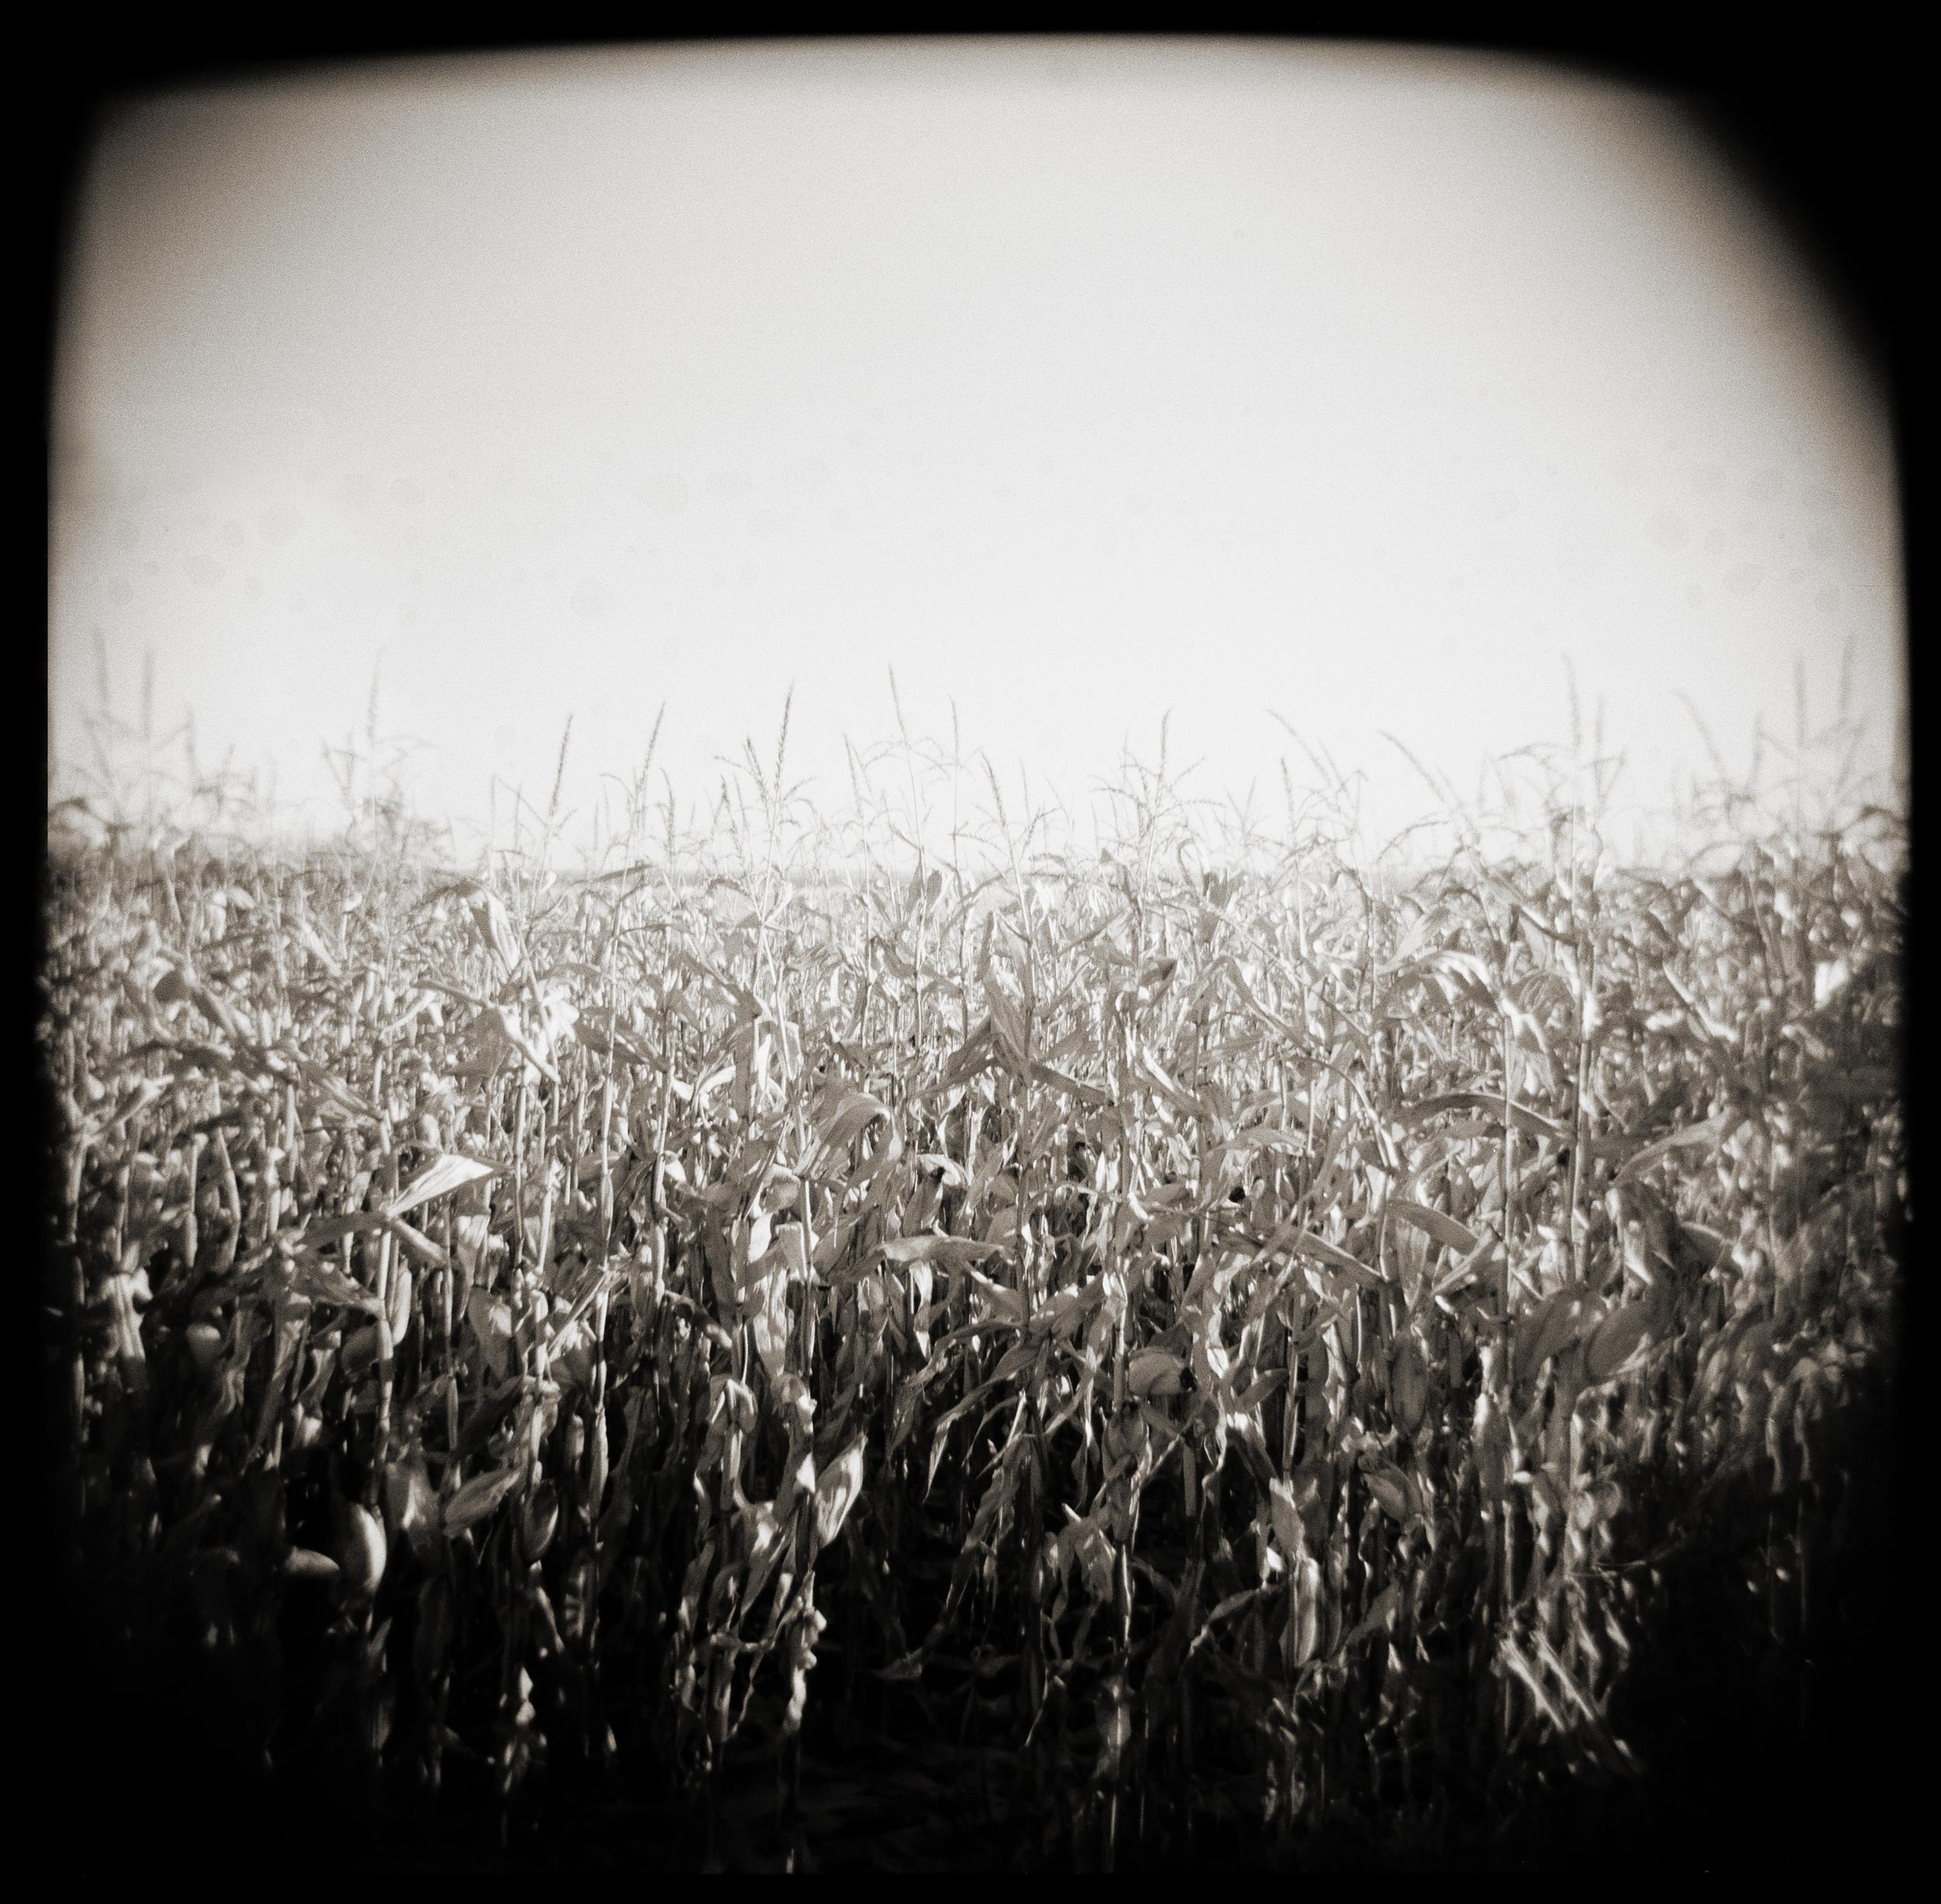 Field of Corn.jpg